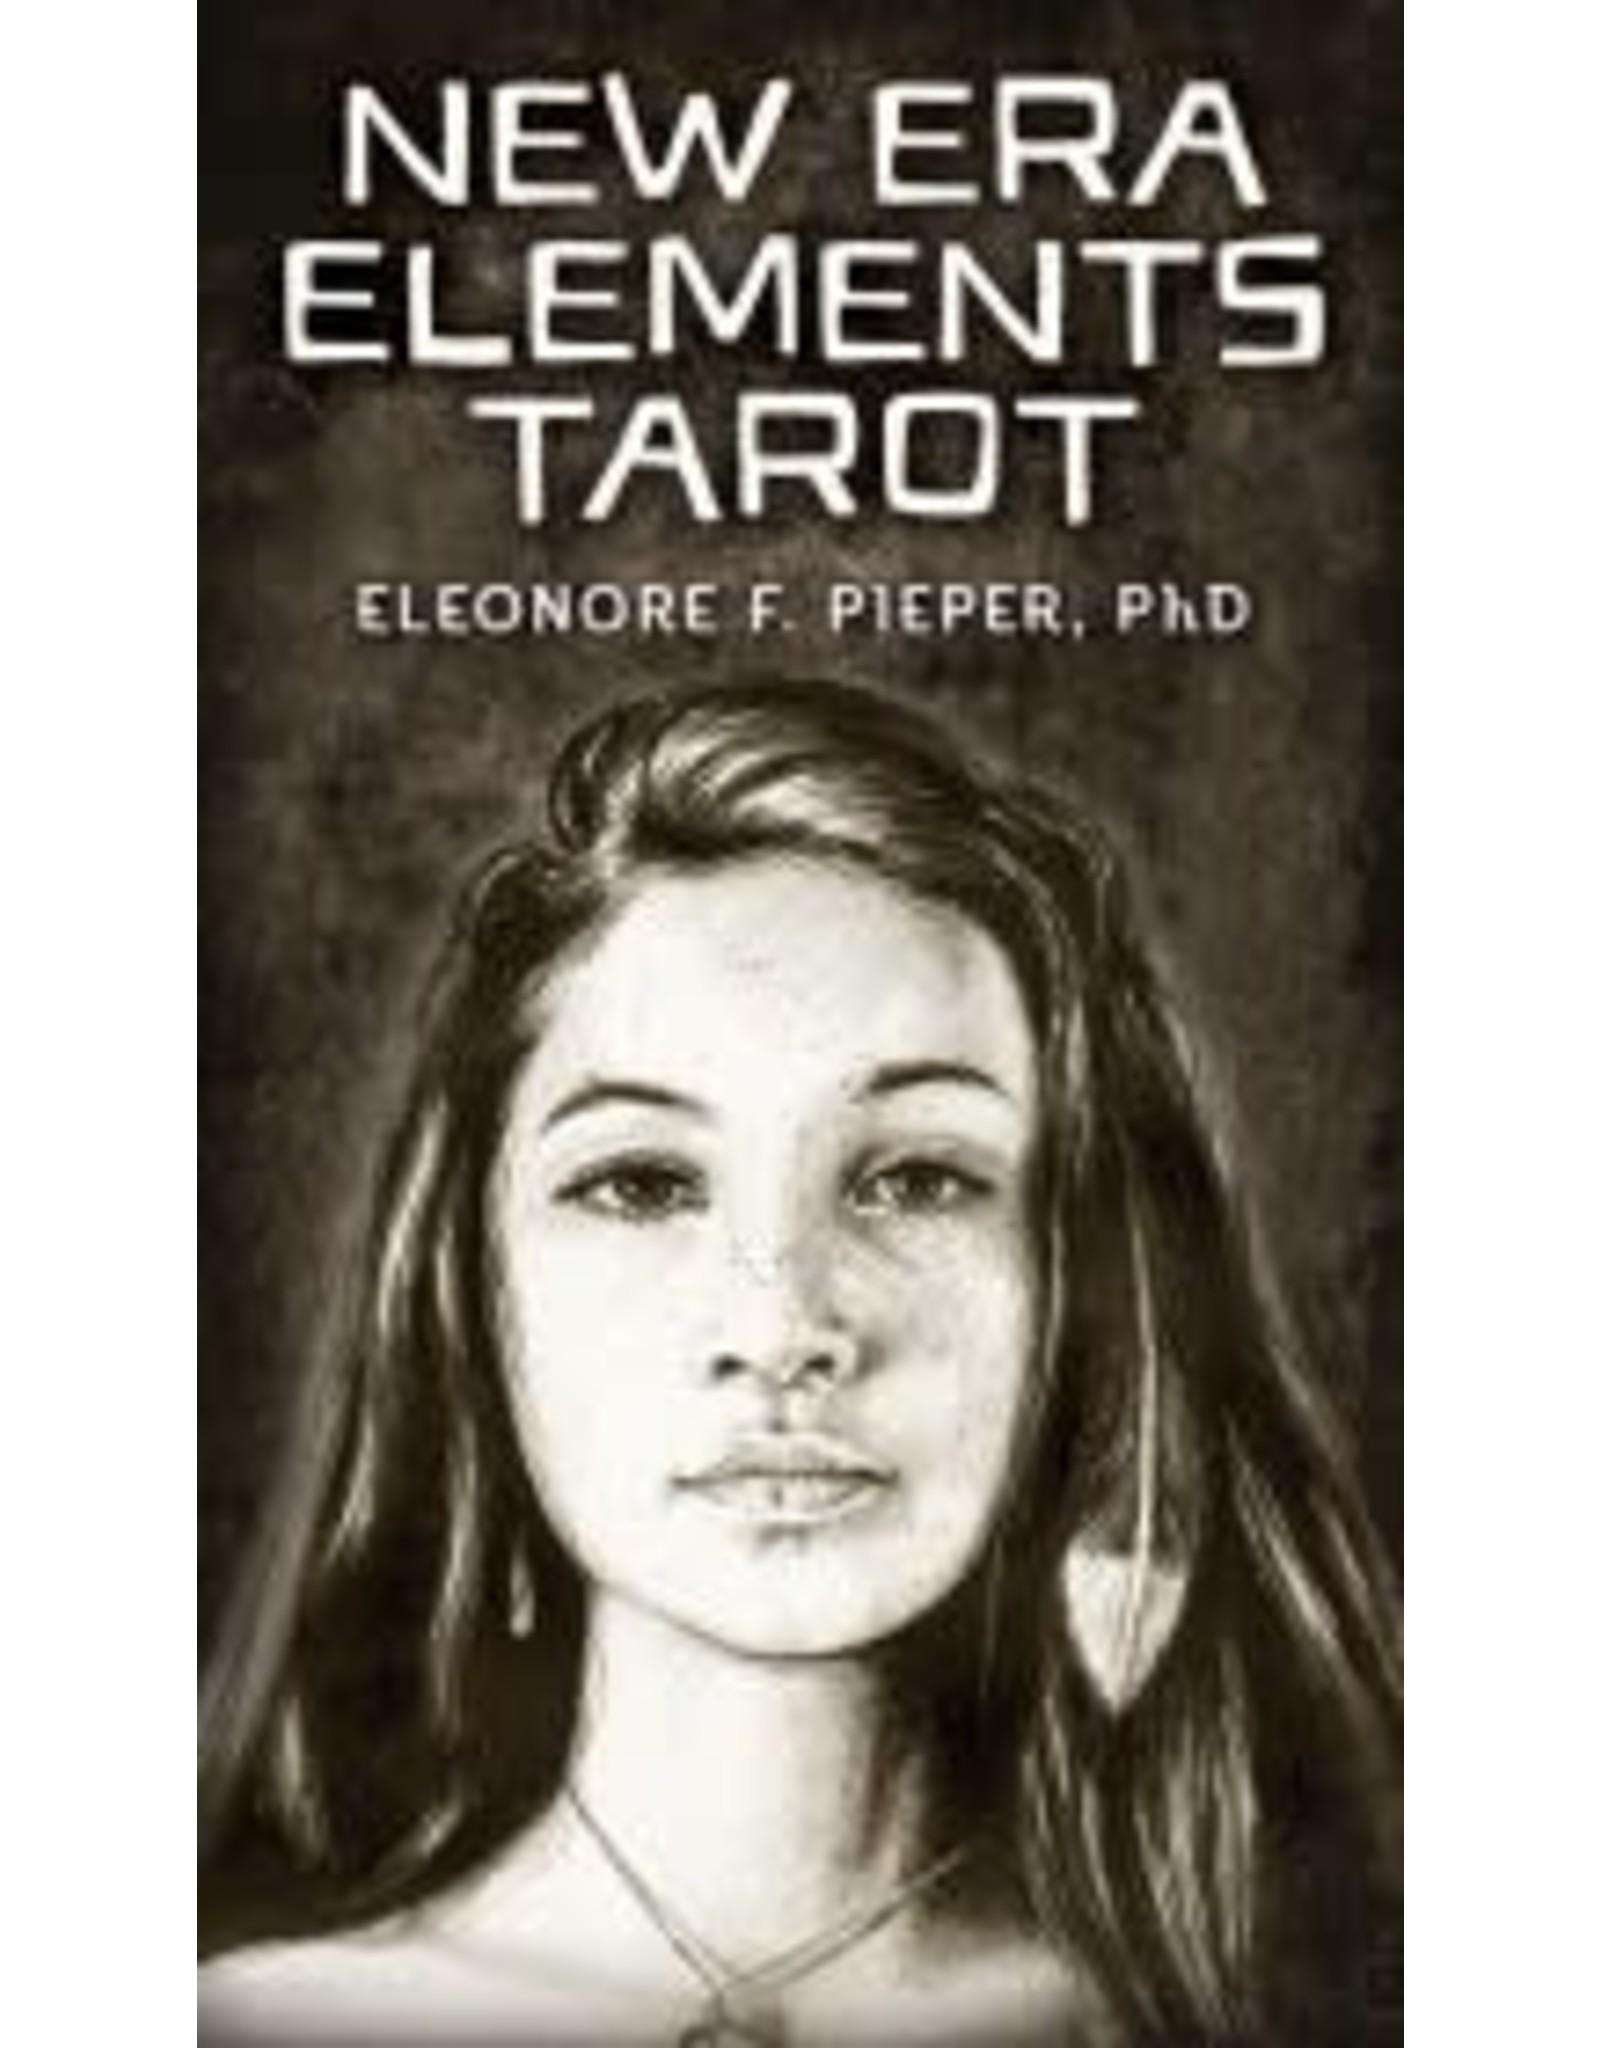 New Era Elements Tarot